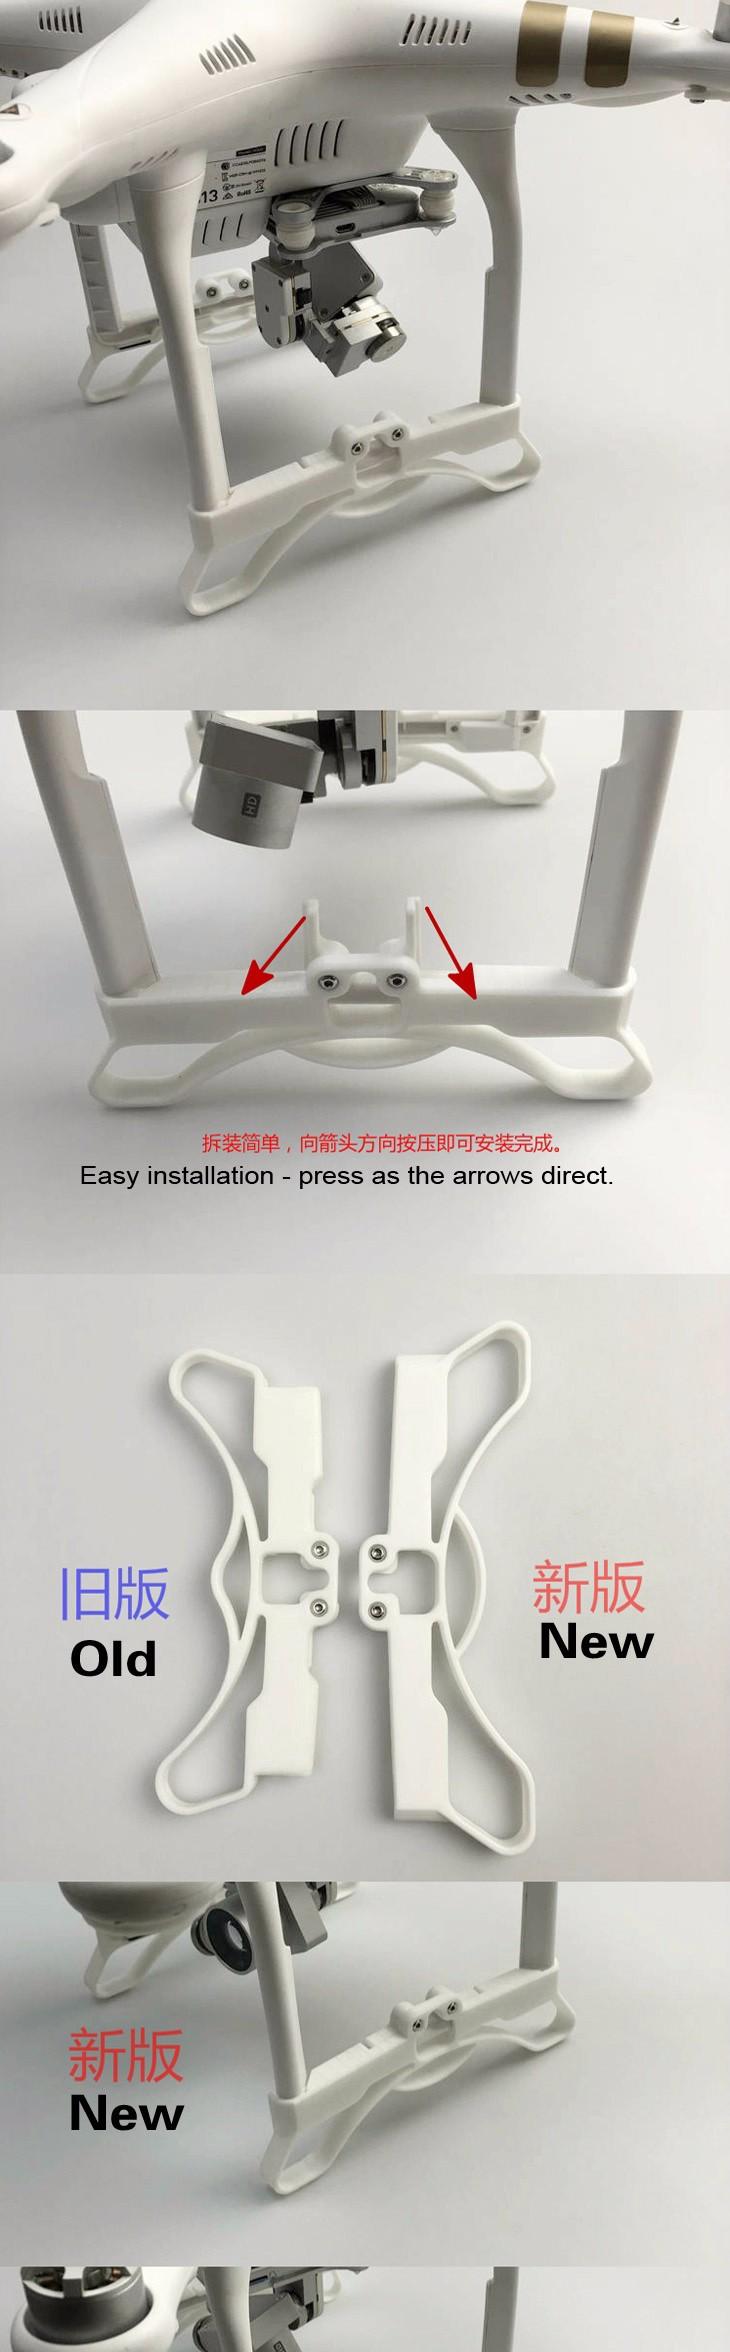 Widened Lengthened Extended Landing Gear for DJI Phantom 3 Drone 3D Printed